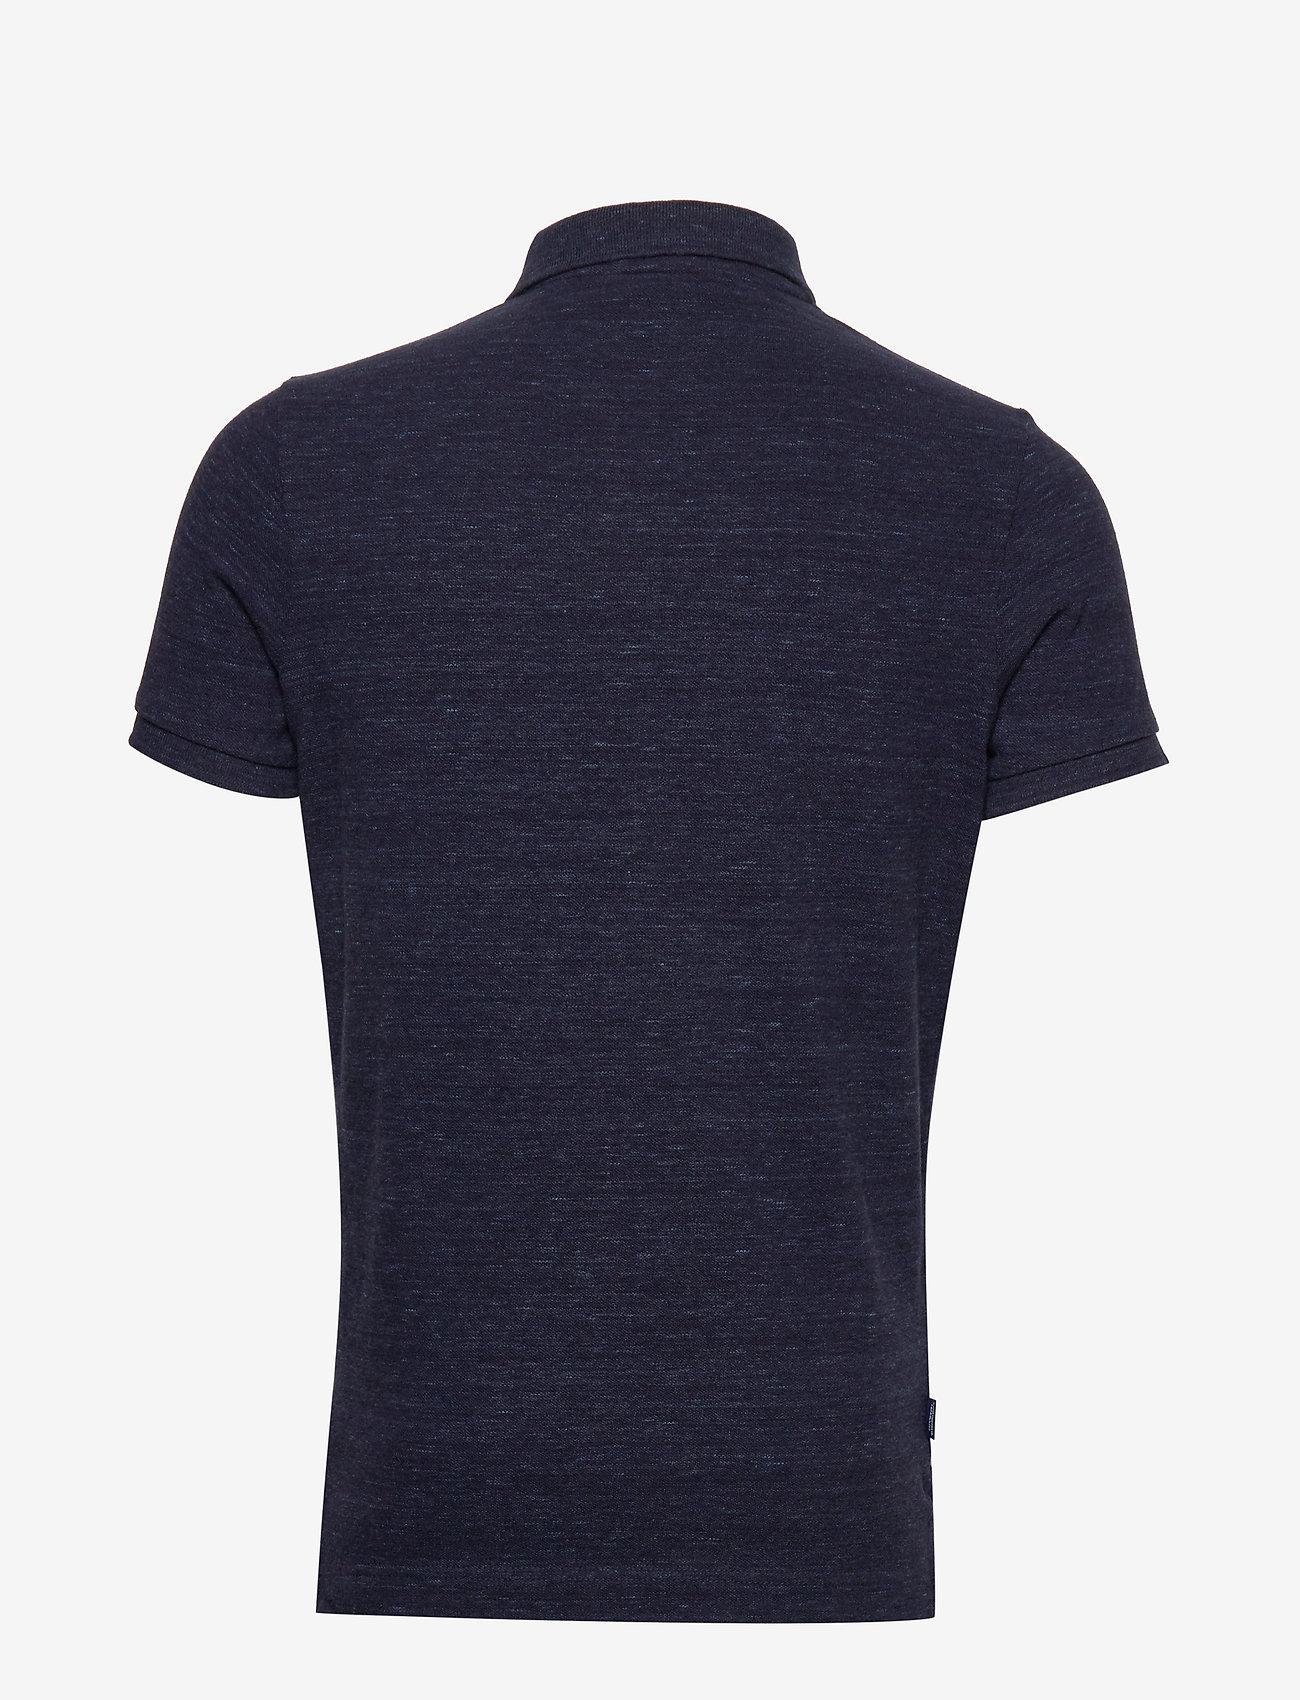 Superdry CLASSIC PIQUE S/S POLO - Poloskjorter MONTANA BLUE GRIT - Menn Klær